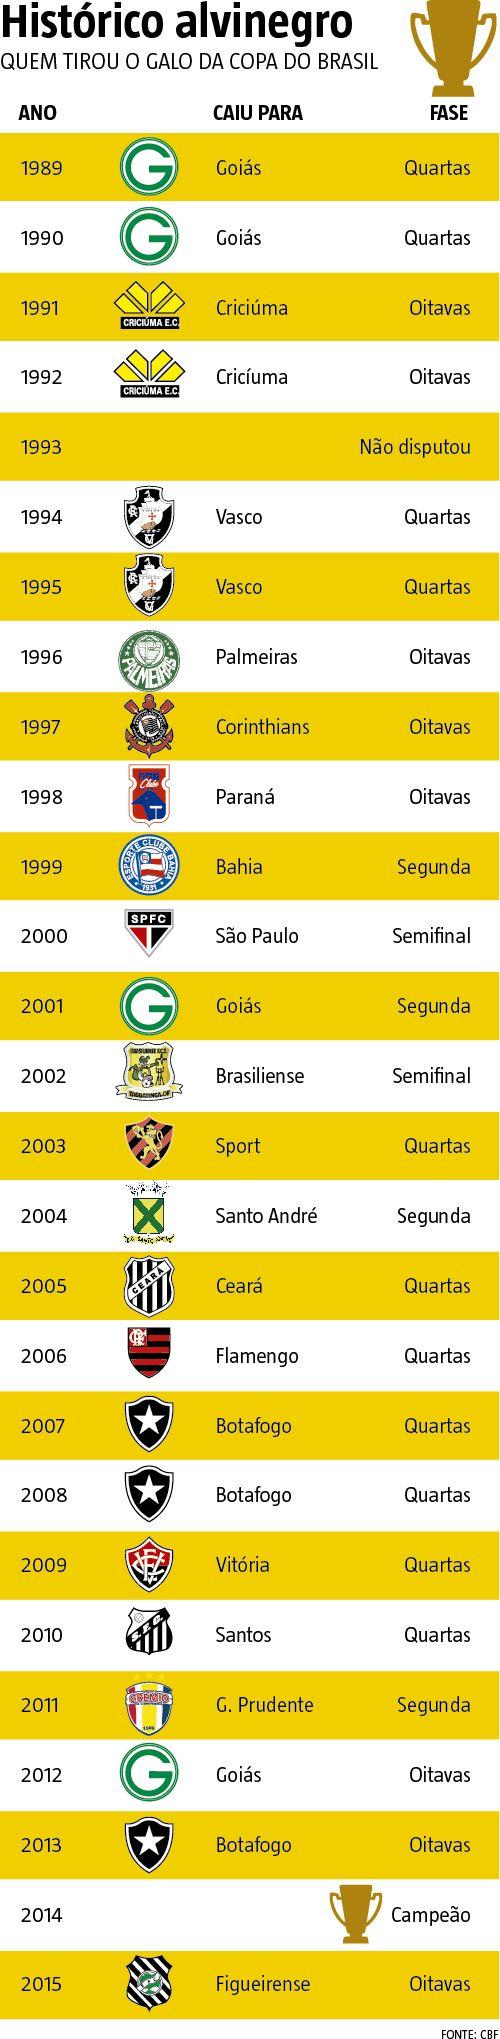 O retrospecto no mata-mata mantém o Galo com os pés no chão, mesmo após a vitória no duelo de ida, por 1 a 0, no Mineirão. Em 26 participações, o alvinegro foi eliminado 15 vezes por times considerados pequenos ou médios, como na semifinal de 2002, quando caiu diante do Brasiliense, com derrota por 5 a 1 no placar agregado. (19/10/2016) #CopaDoBrasil #Atlético #Galo #MataMata #Infográfico #Infografia #HojeEmDia